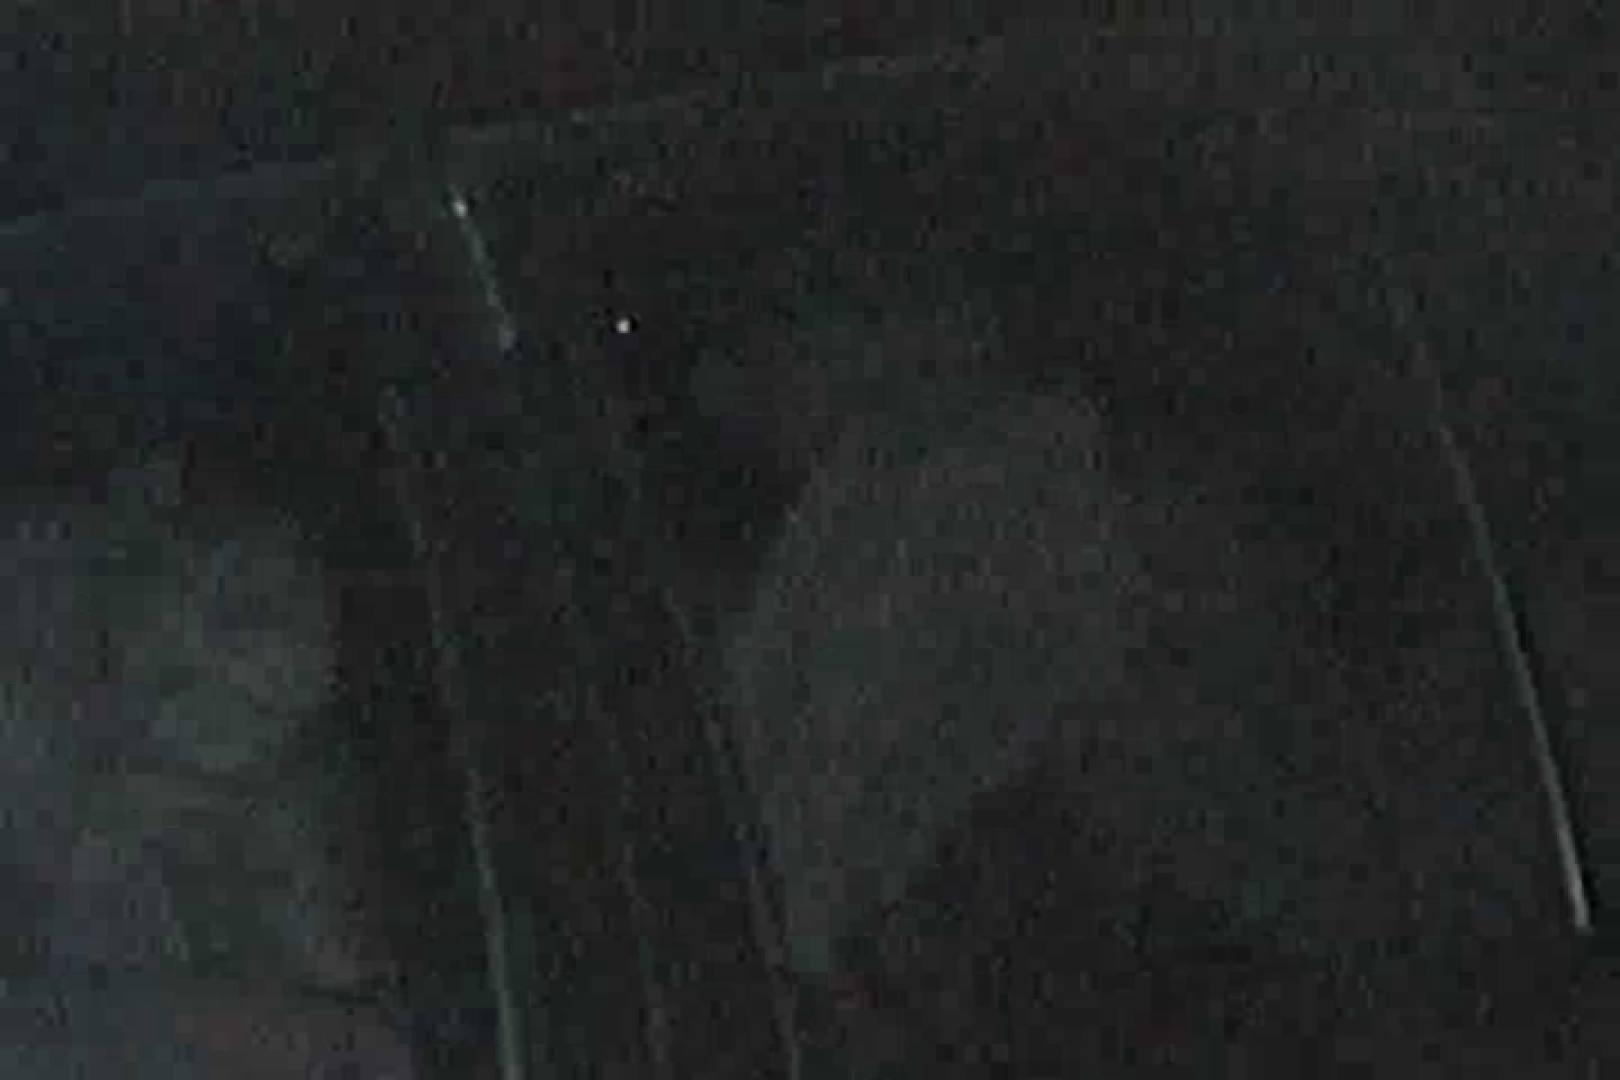 充血監督の深夜の運動会Vol.8 エッチなセックス セックス無修正動画無料 106画像 37